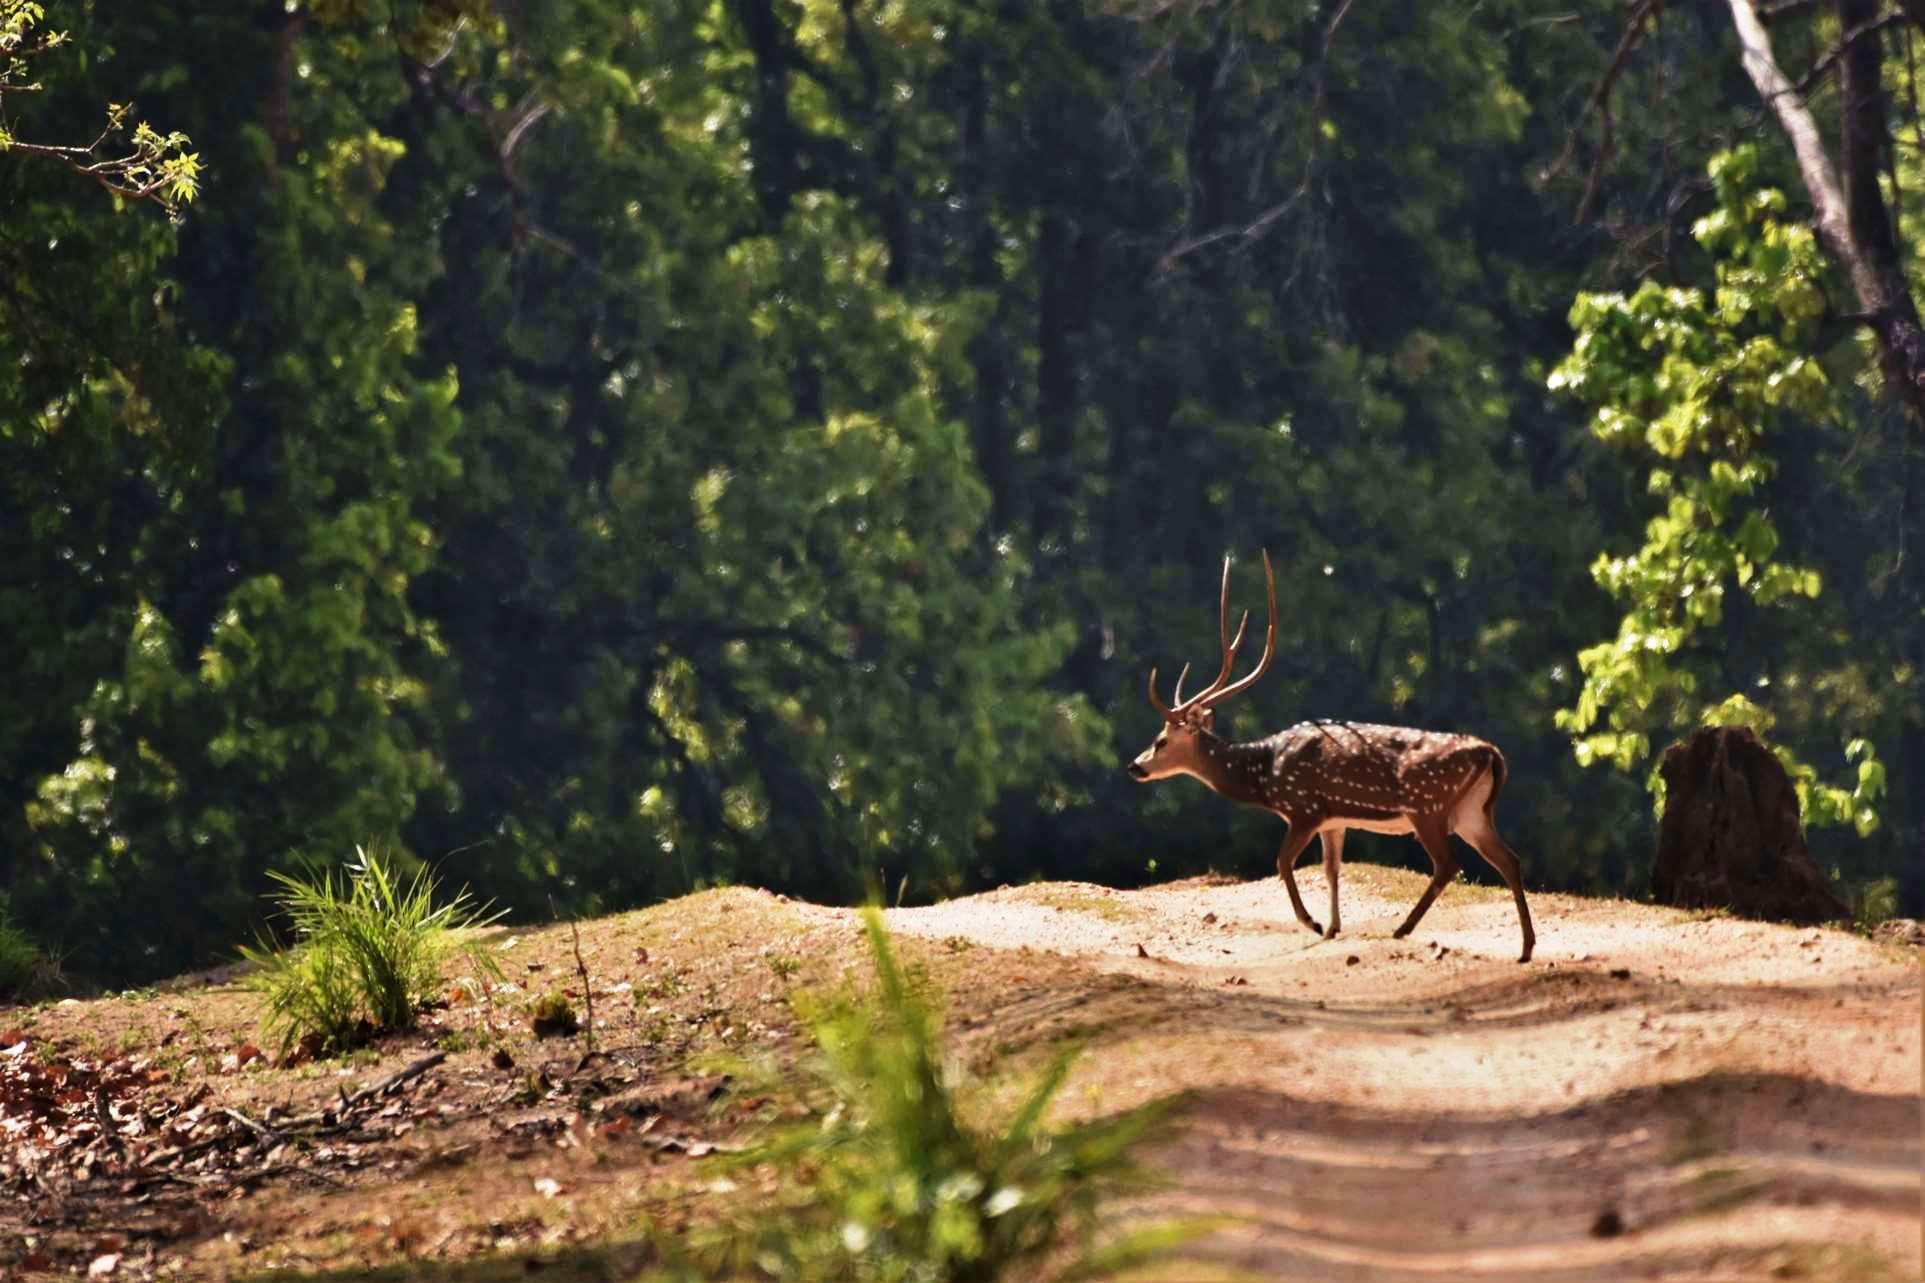 Spotted Deer crossing road